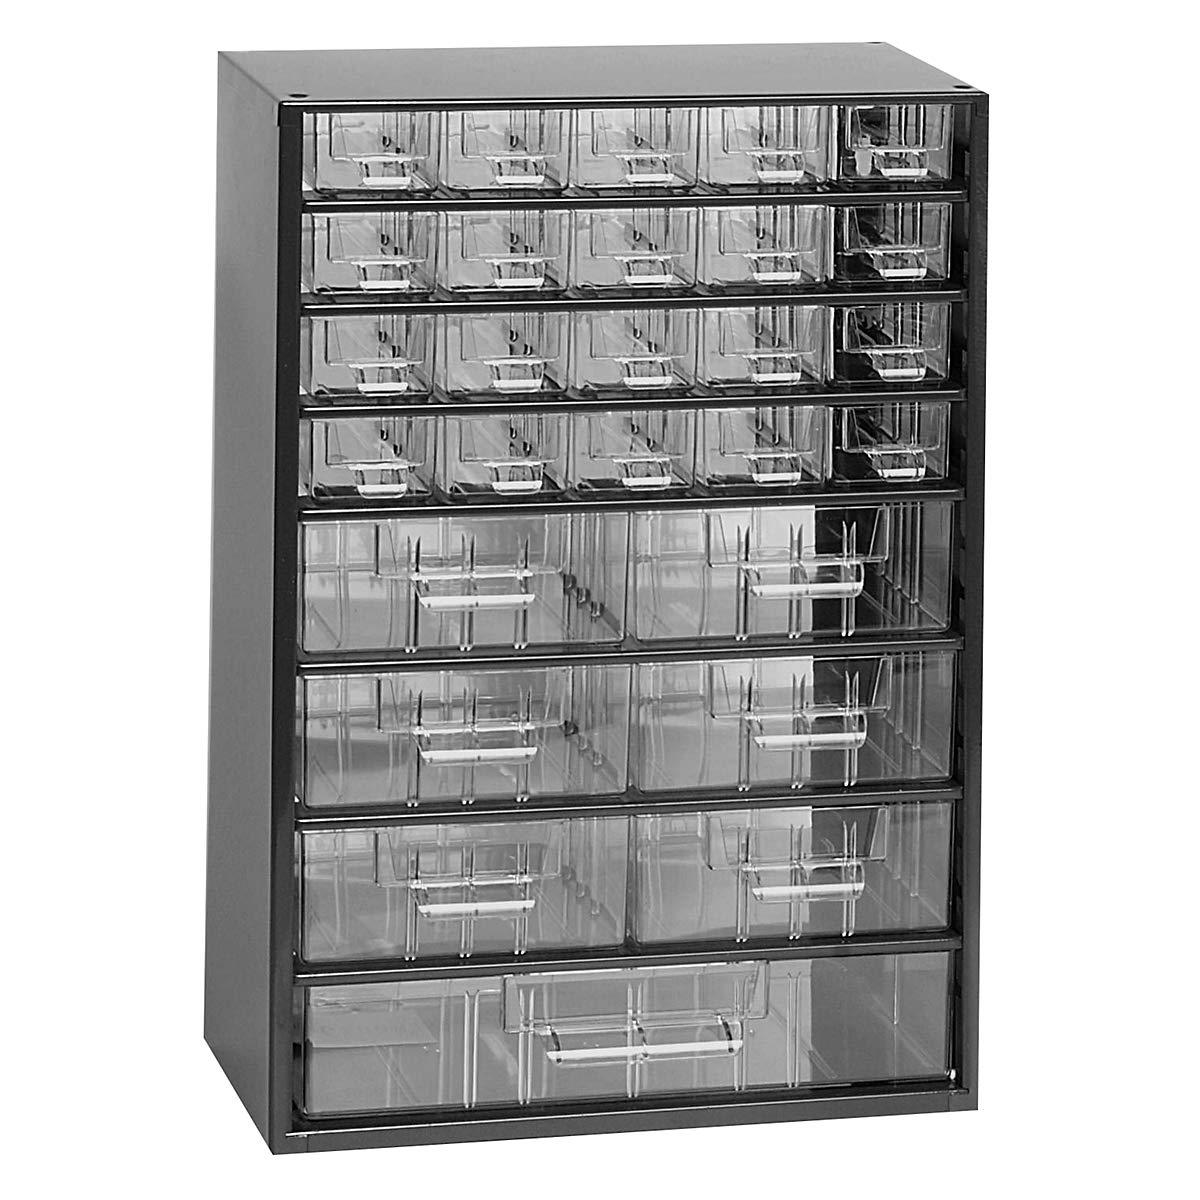 Schubladenmagazin - HxB 460 x 306 mm, 27 Schubladen - tiefschwarz - Klarsichtmagazin Kleinteilemagazin Lagersystem Magazin Schubladenmagazin Certeo